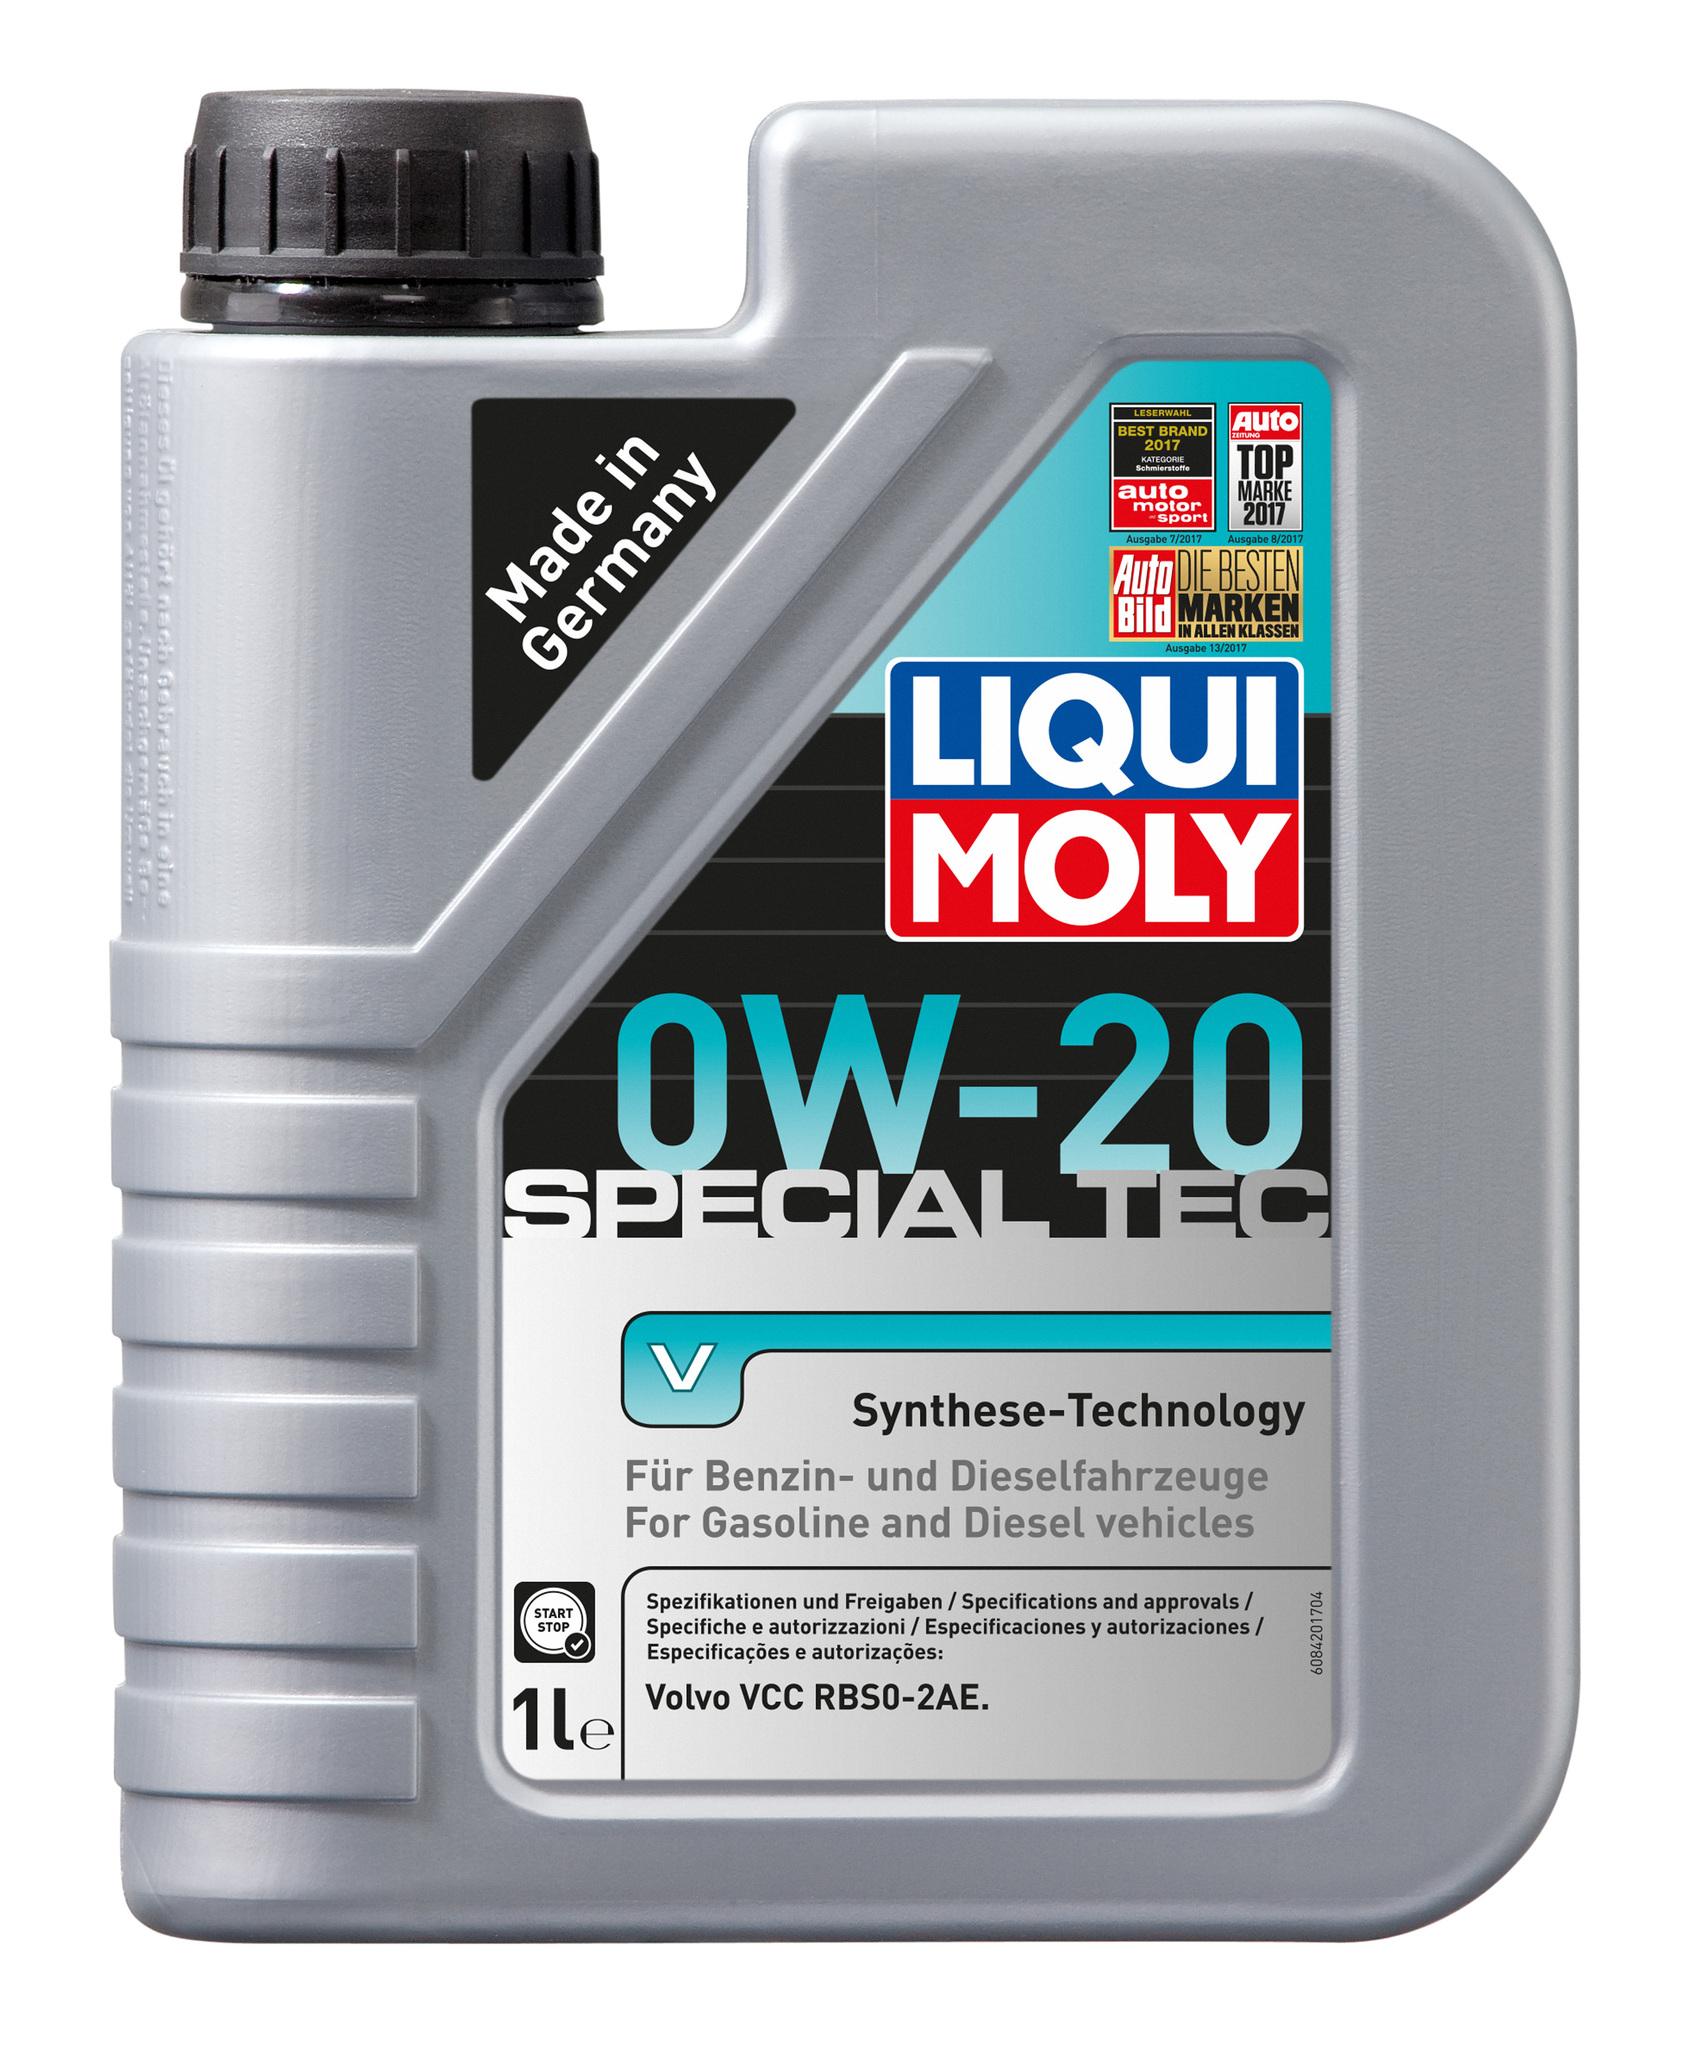 Liqui Moly Special Tec V 0W20 НС-синтетическое моторное масло